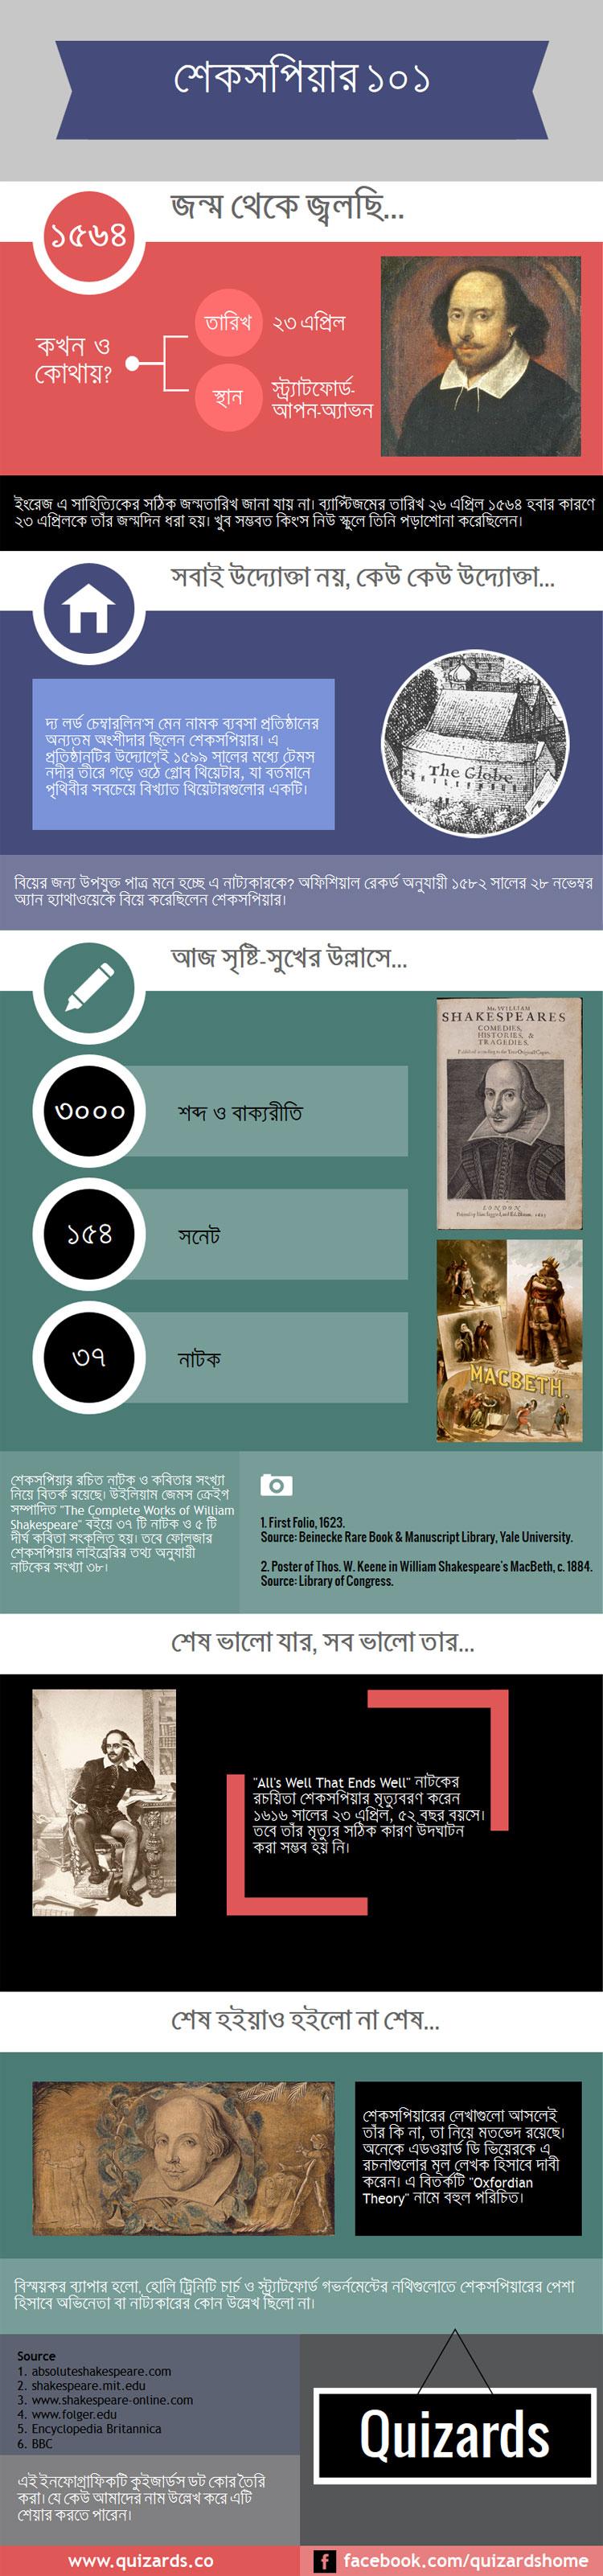 অ্যাভনের কবি উইলিয়াম শেকসপিয়ার -- কুইজার্ডস